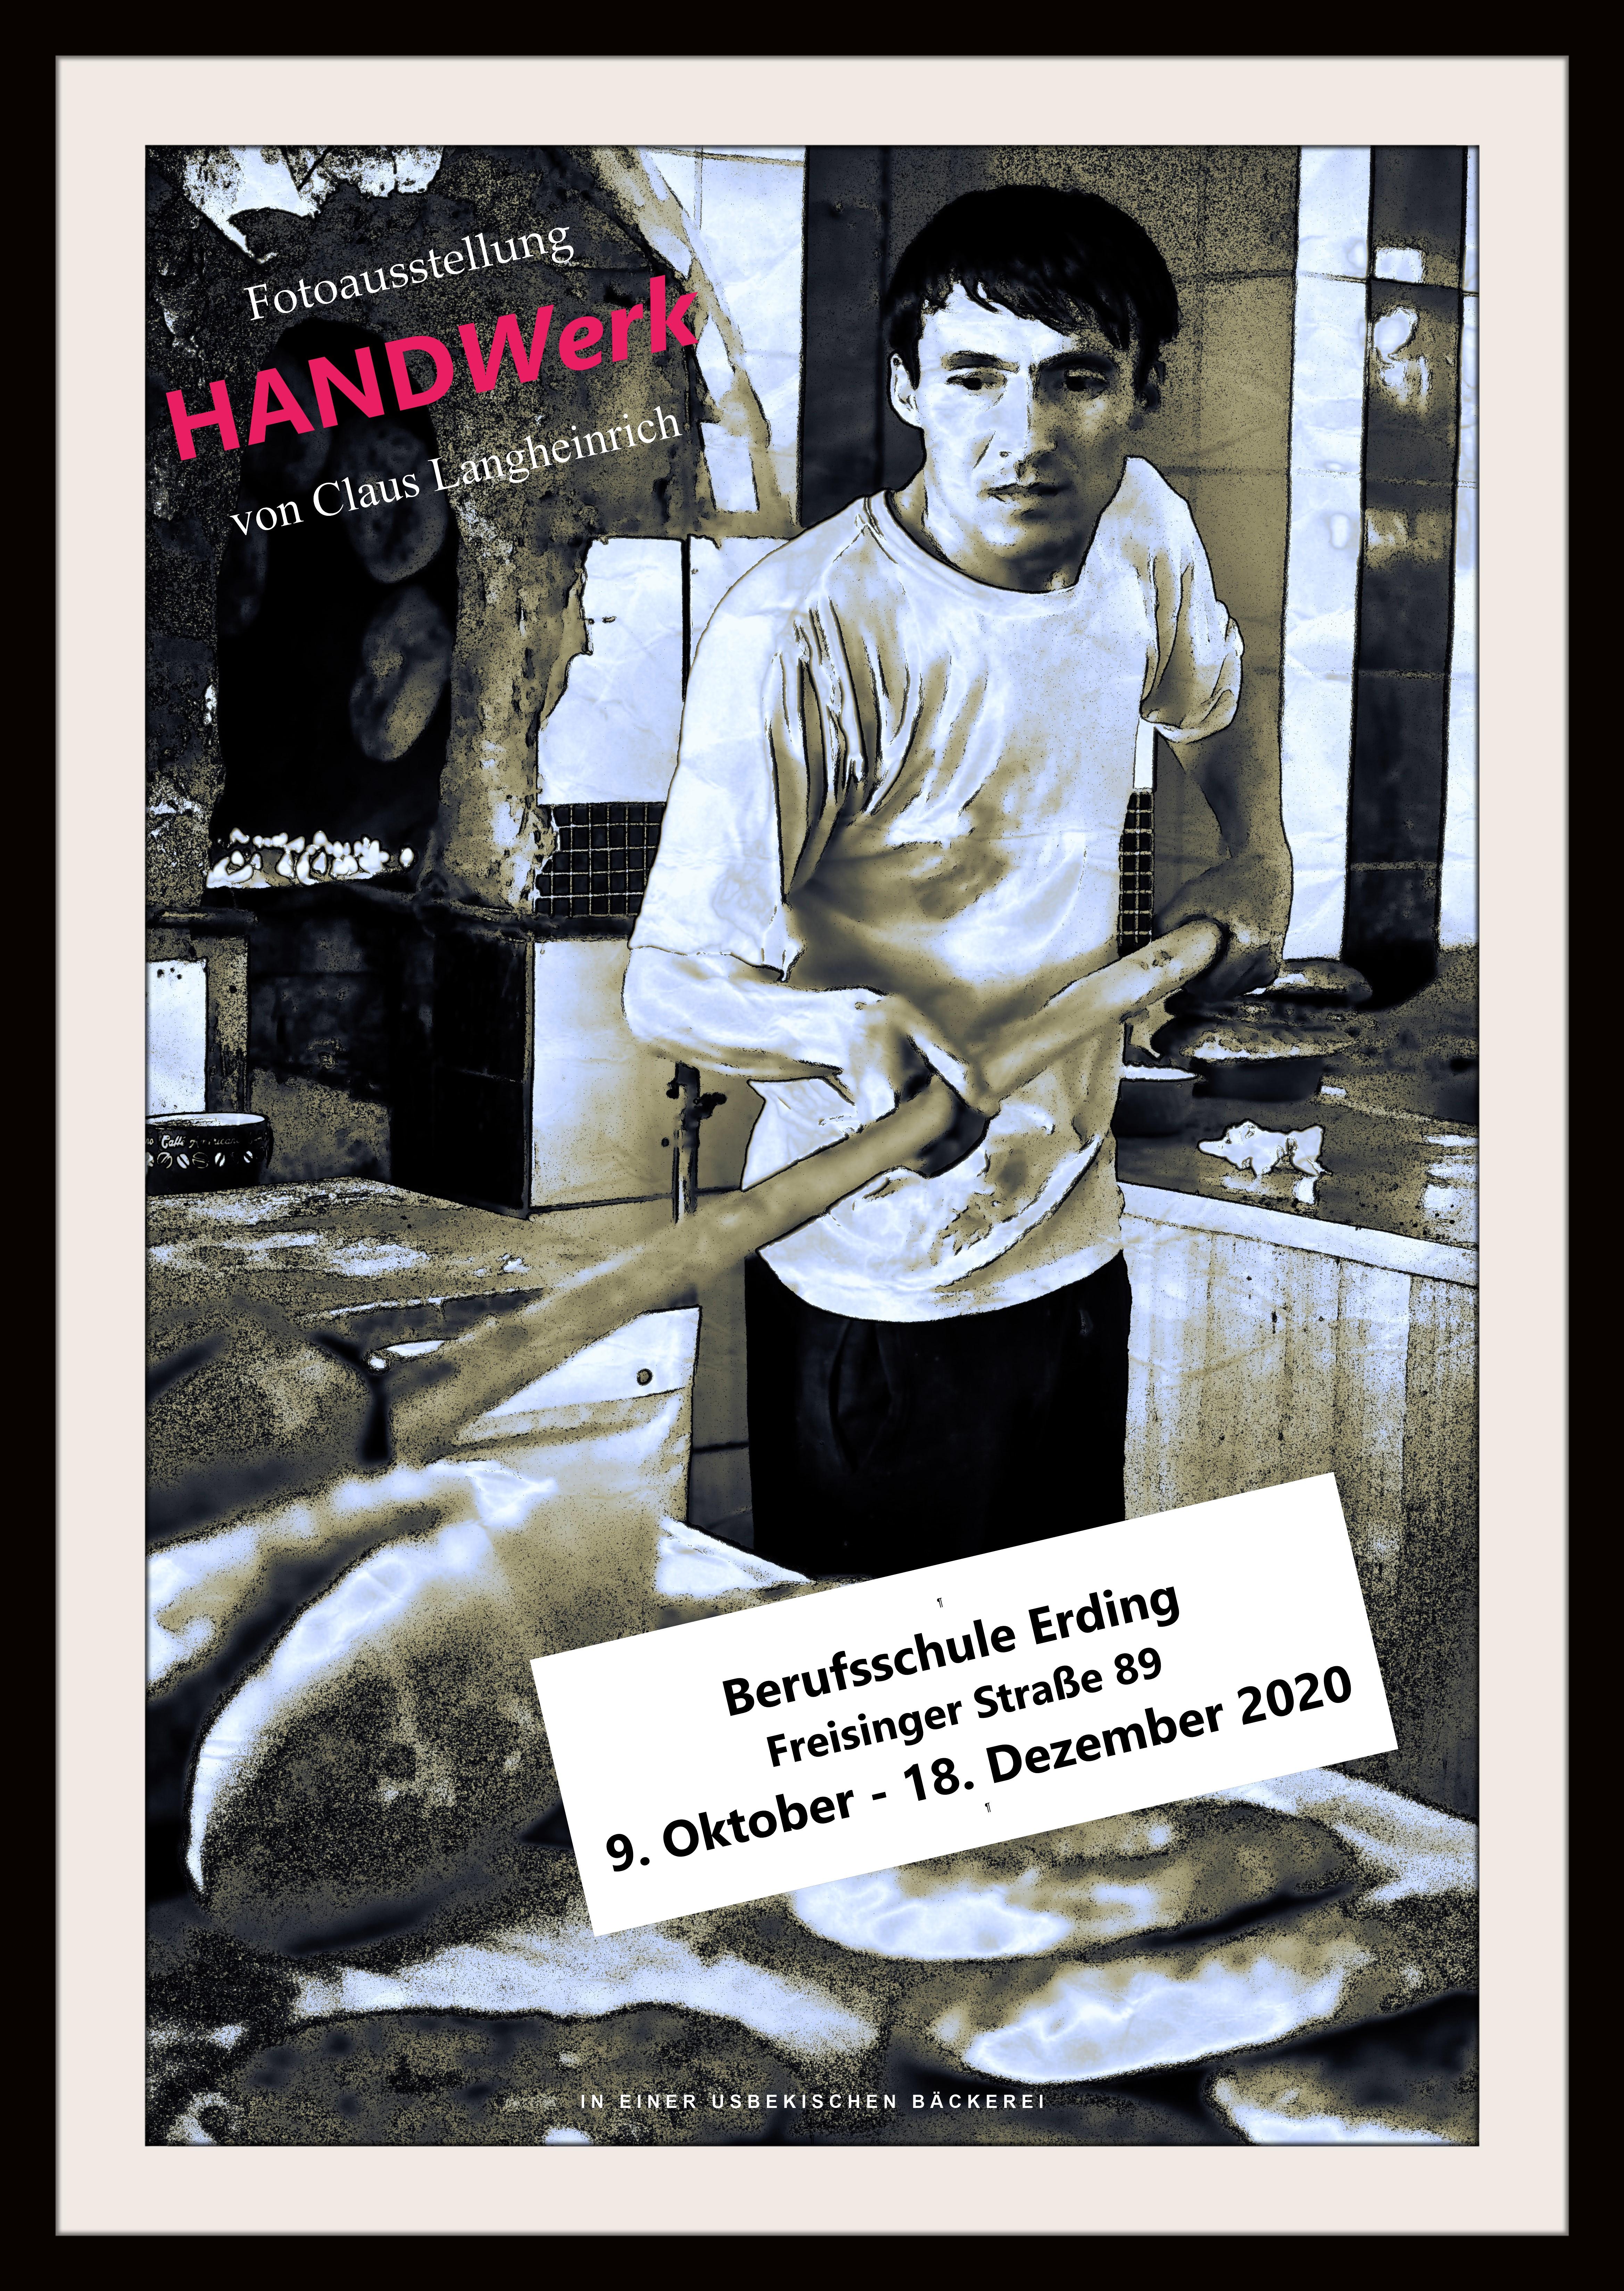 HANDwerk (36 Fotos in Farbe und Schwarzweiß); Claus Langheinrich @ Verwaltungstrakt der Berufsschule Erding